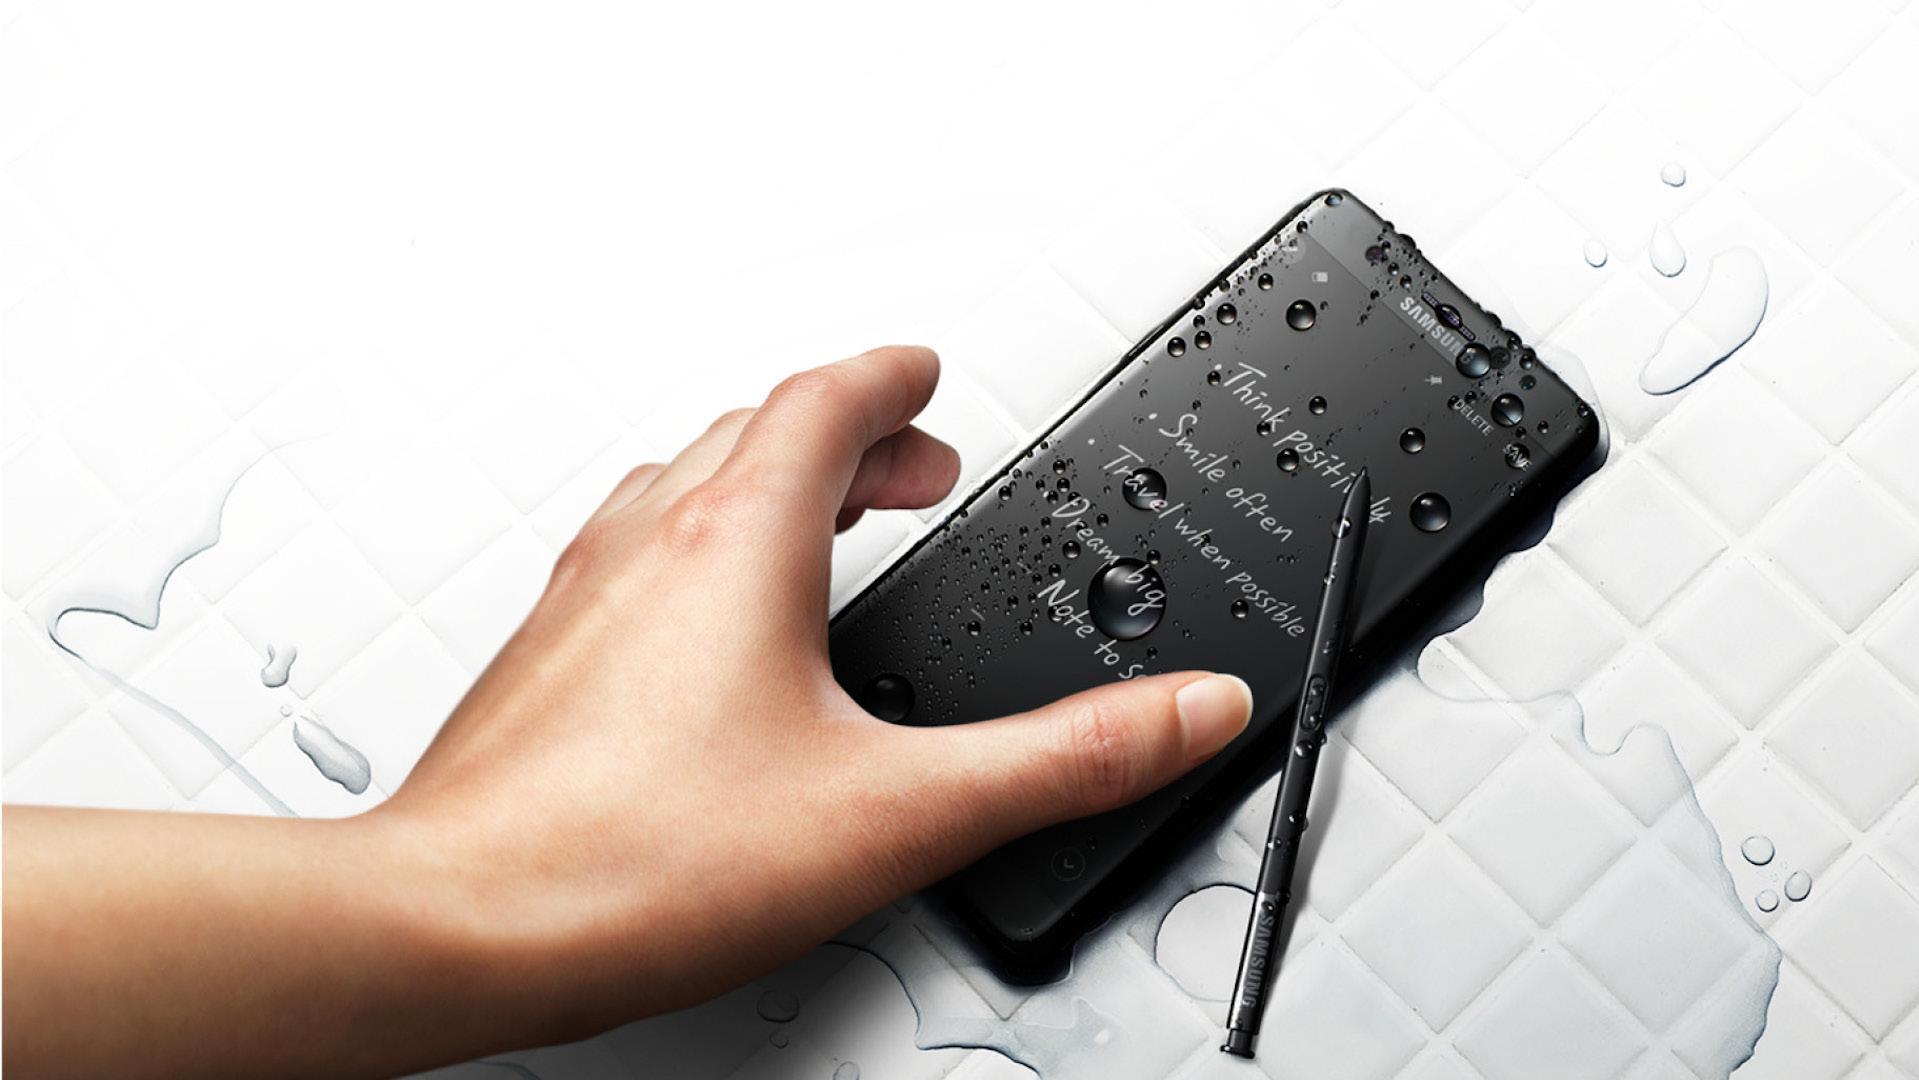 Prohibiciones para usar o transportar el Galaxy Note 7 en los aviones de Estados Unidos